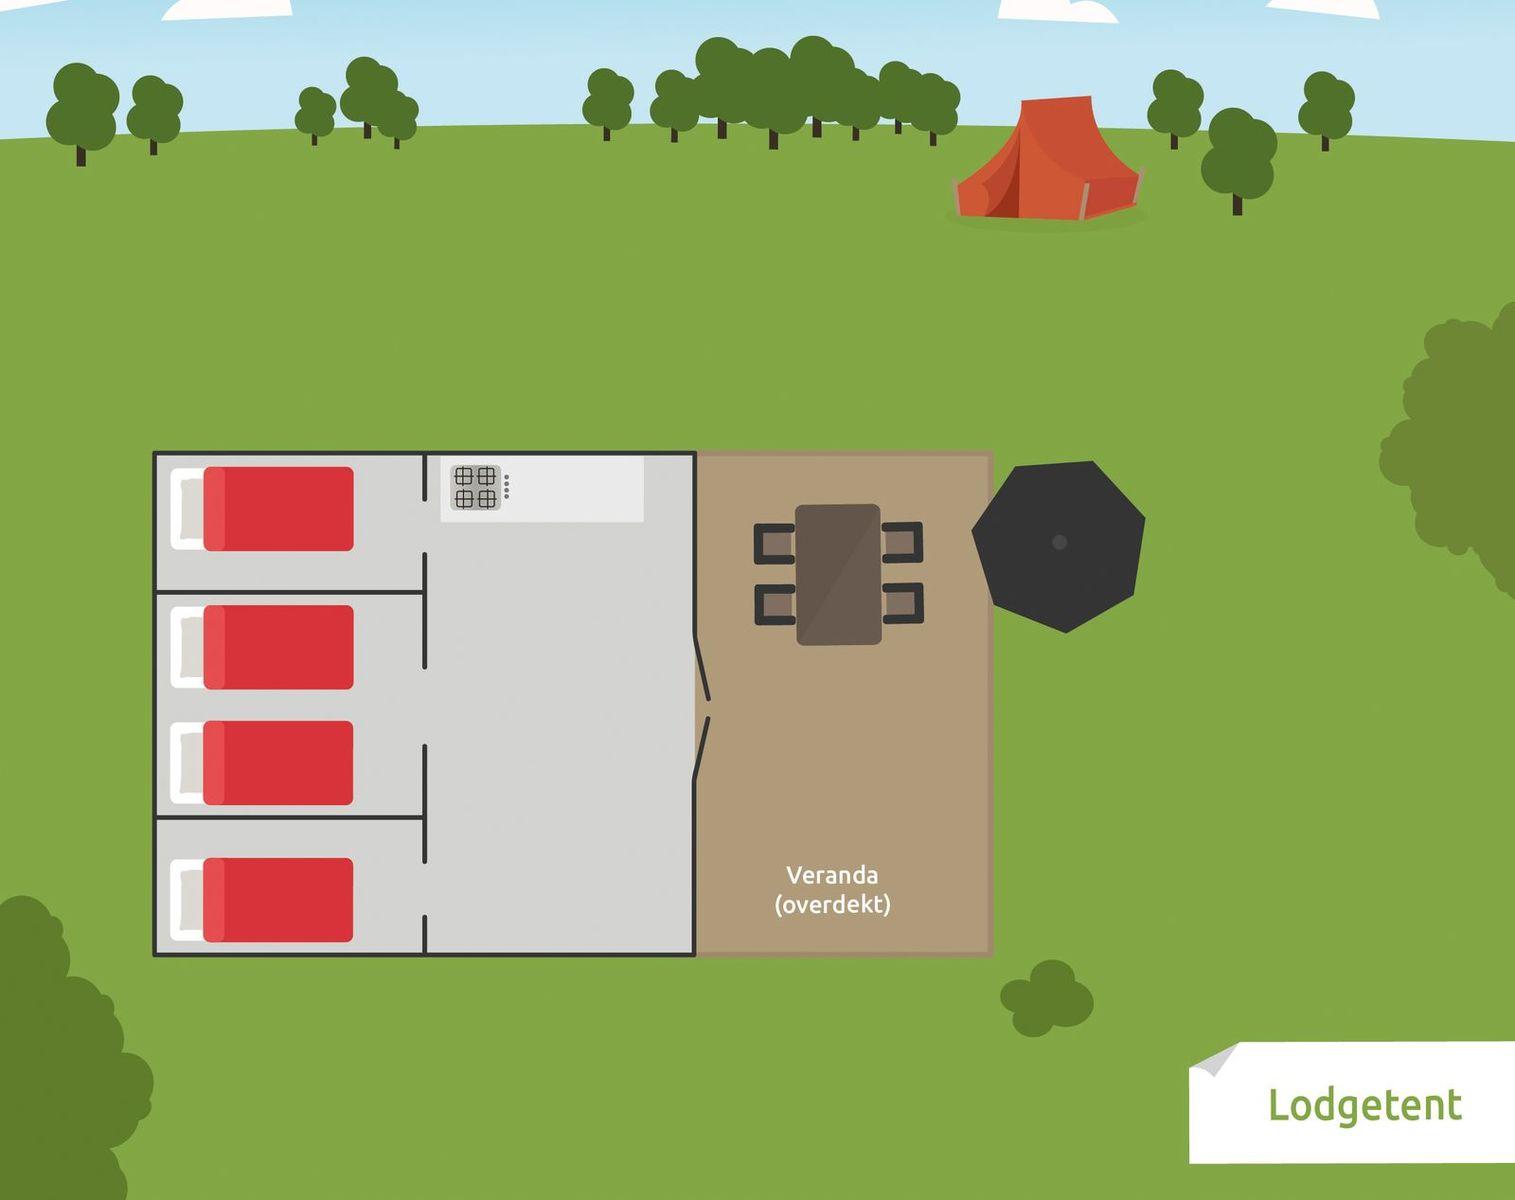 5-persoons Lodgetent eenoudergezin